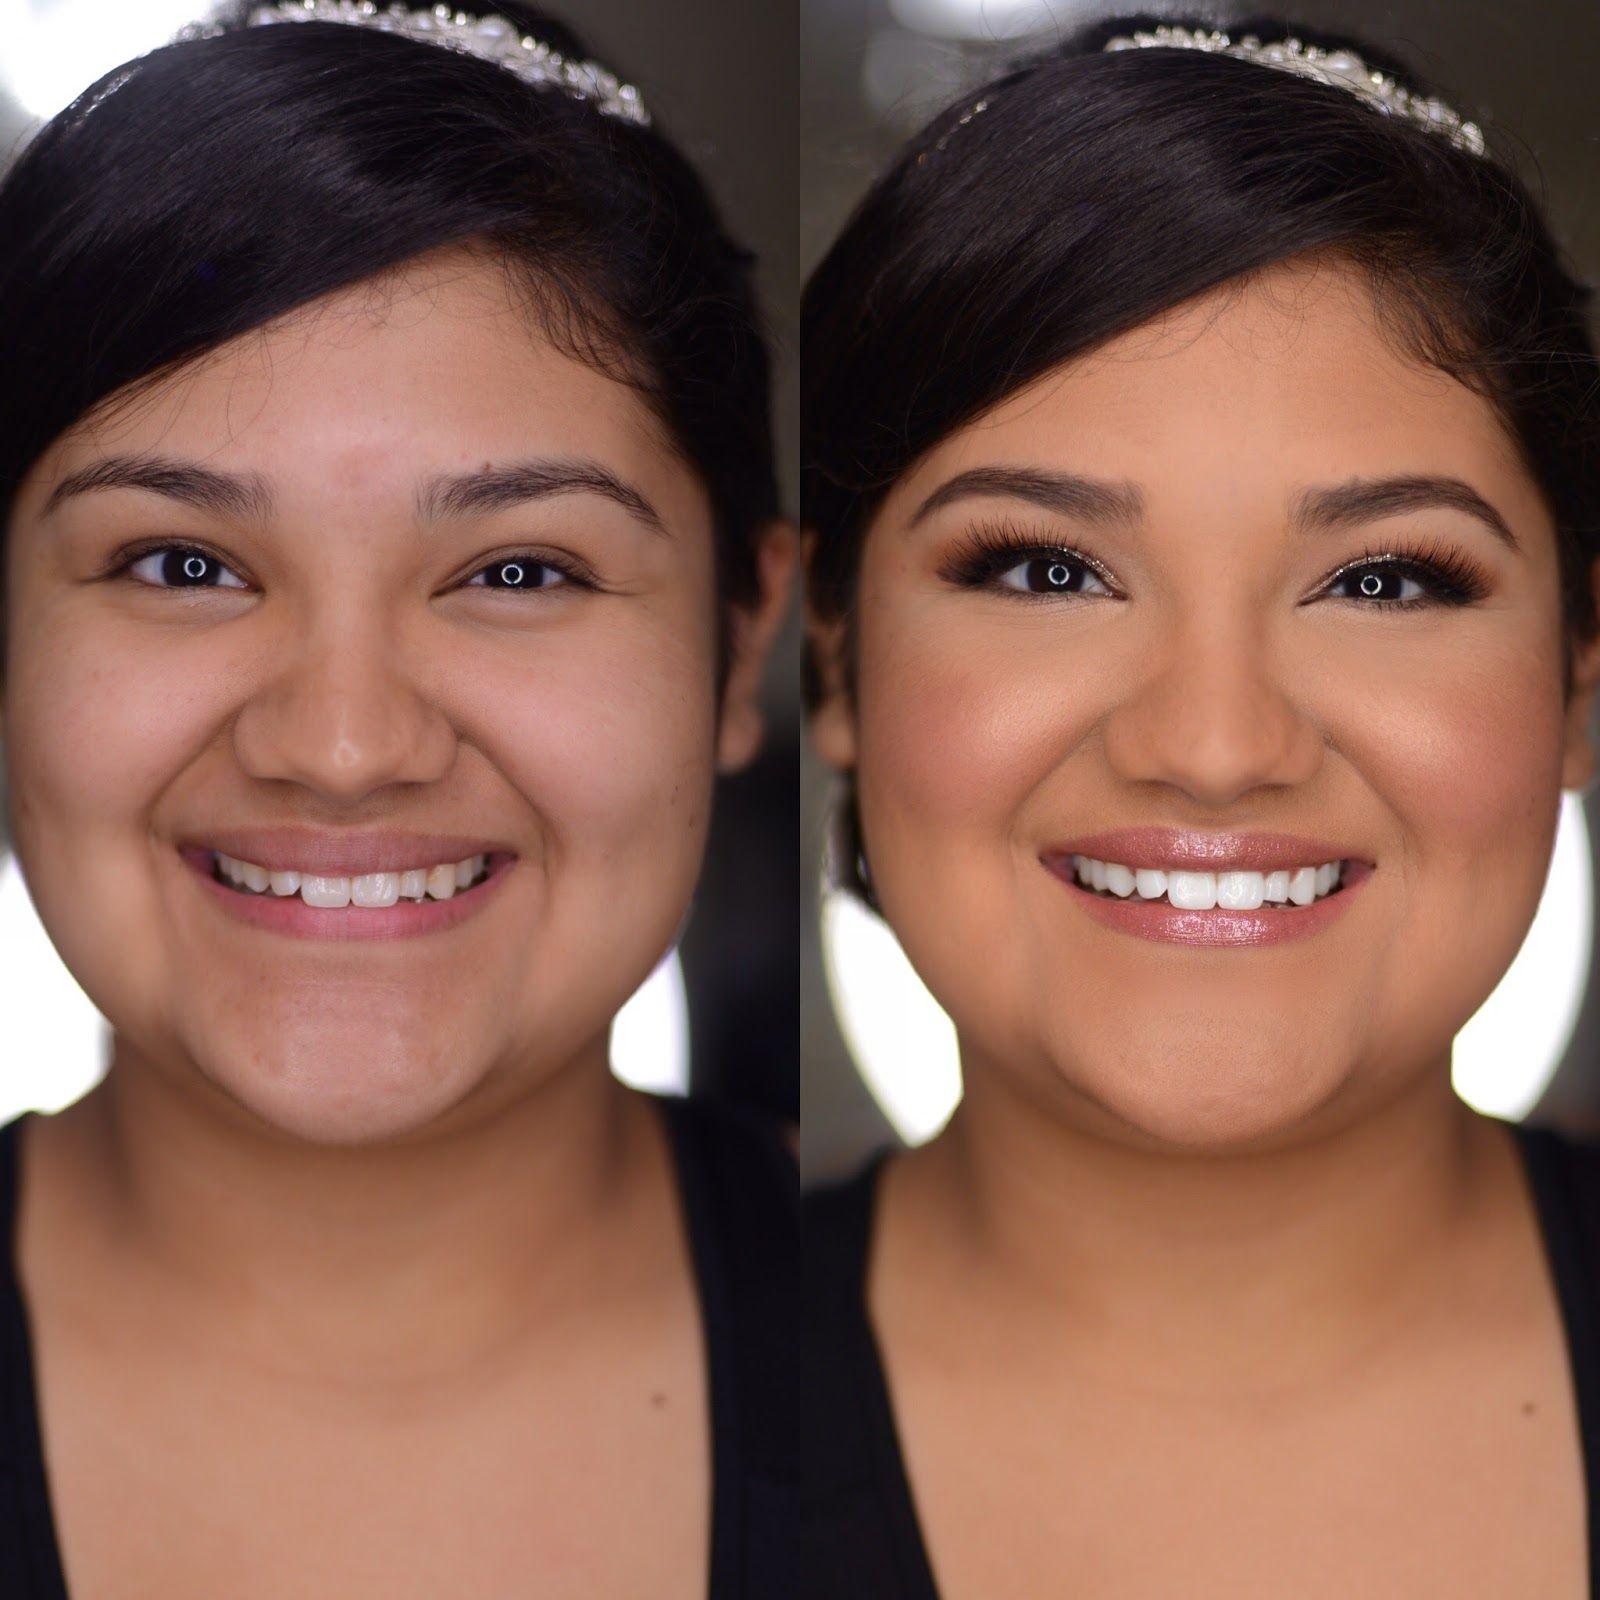 Quinceanera sweet sixteen makeup san antonio makeup artist